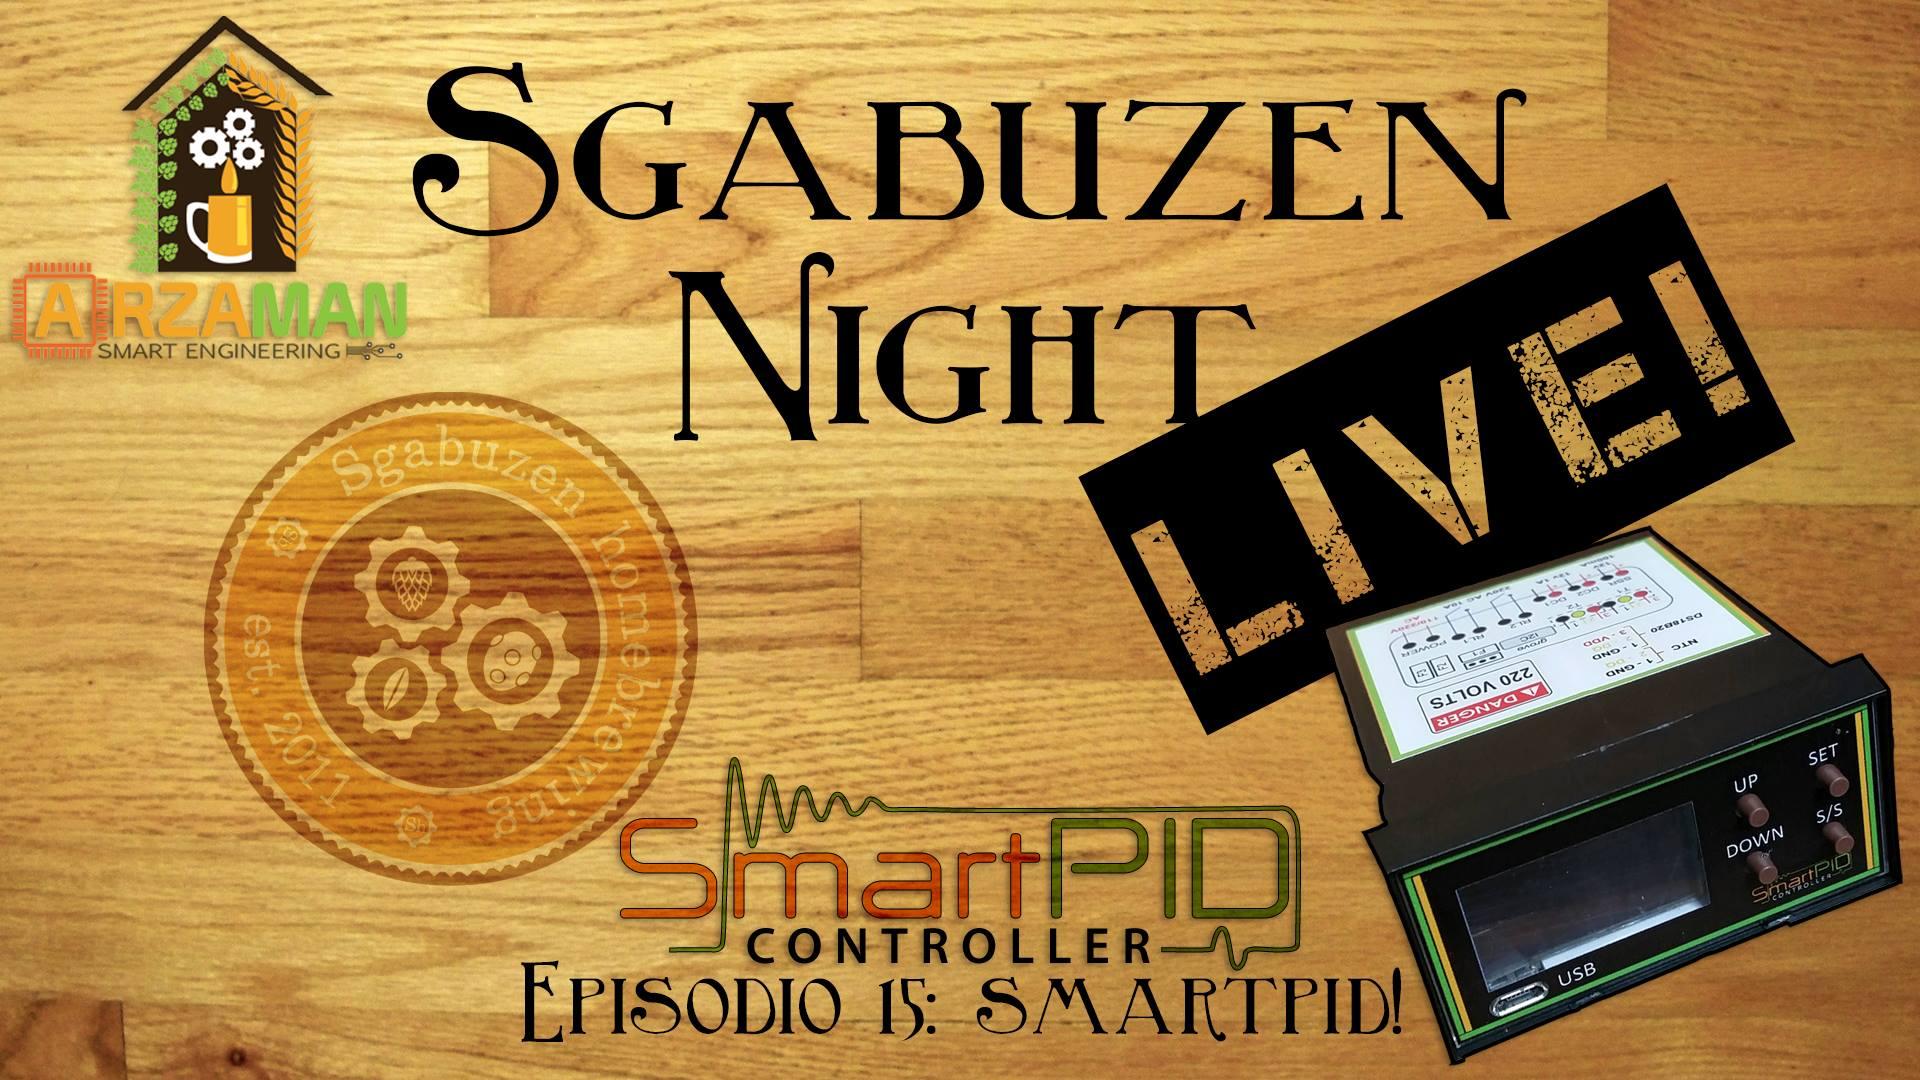 SmartPID in driretta live con Sgabuzen Homebrewing